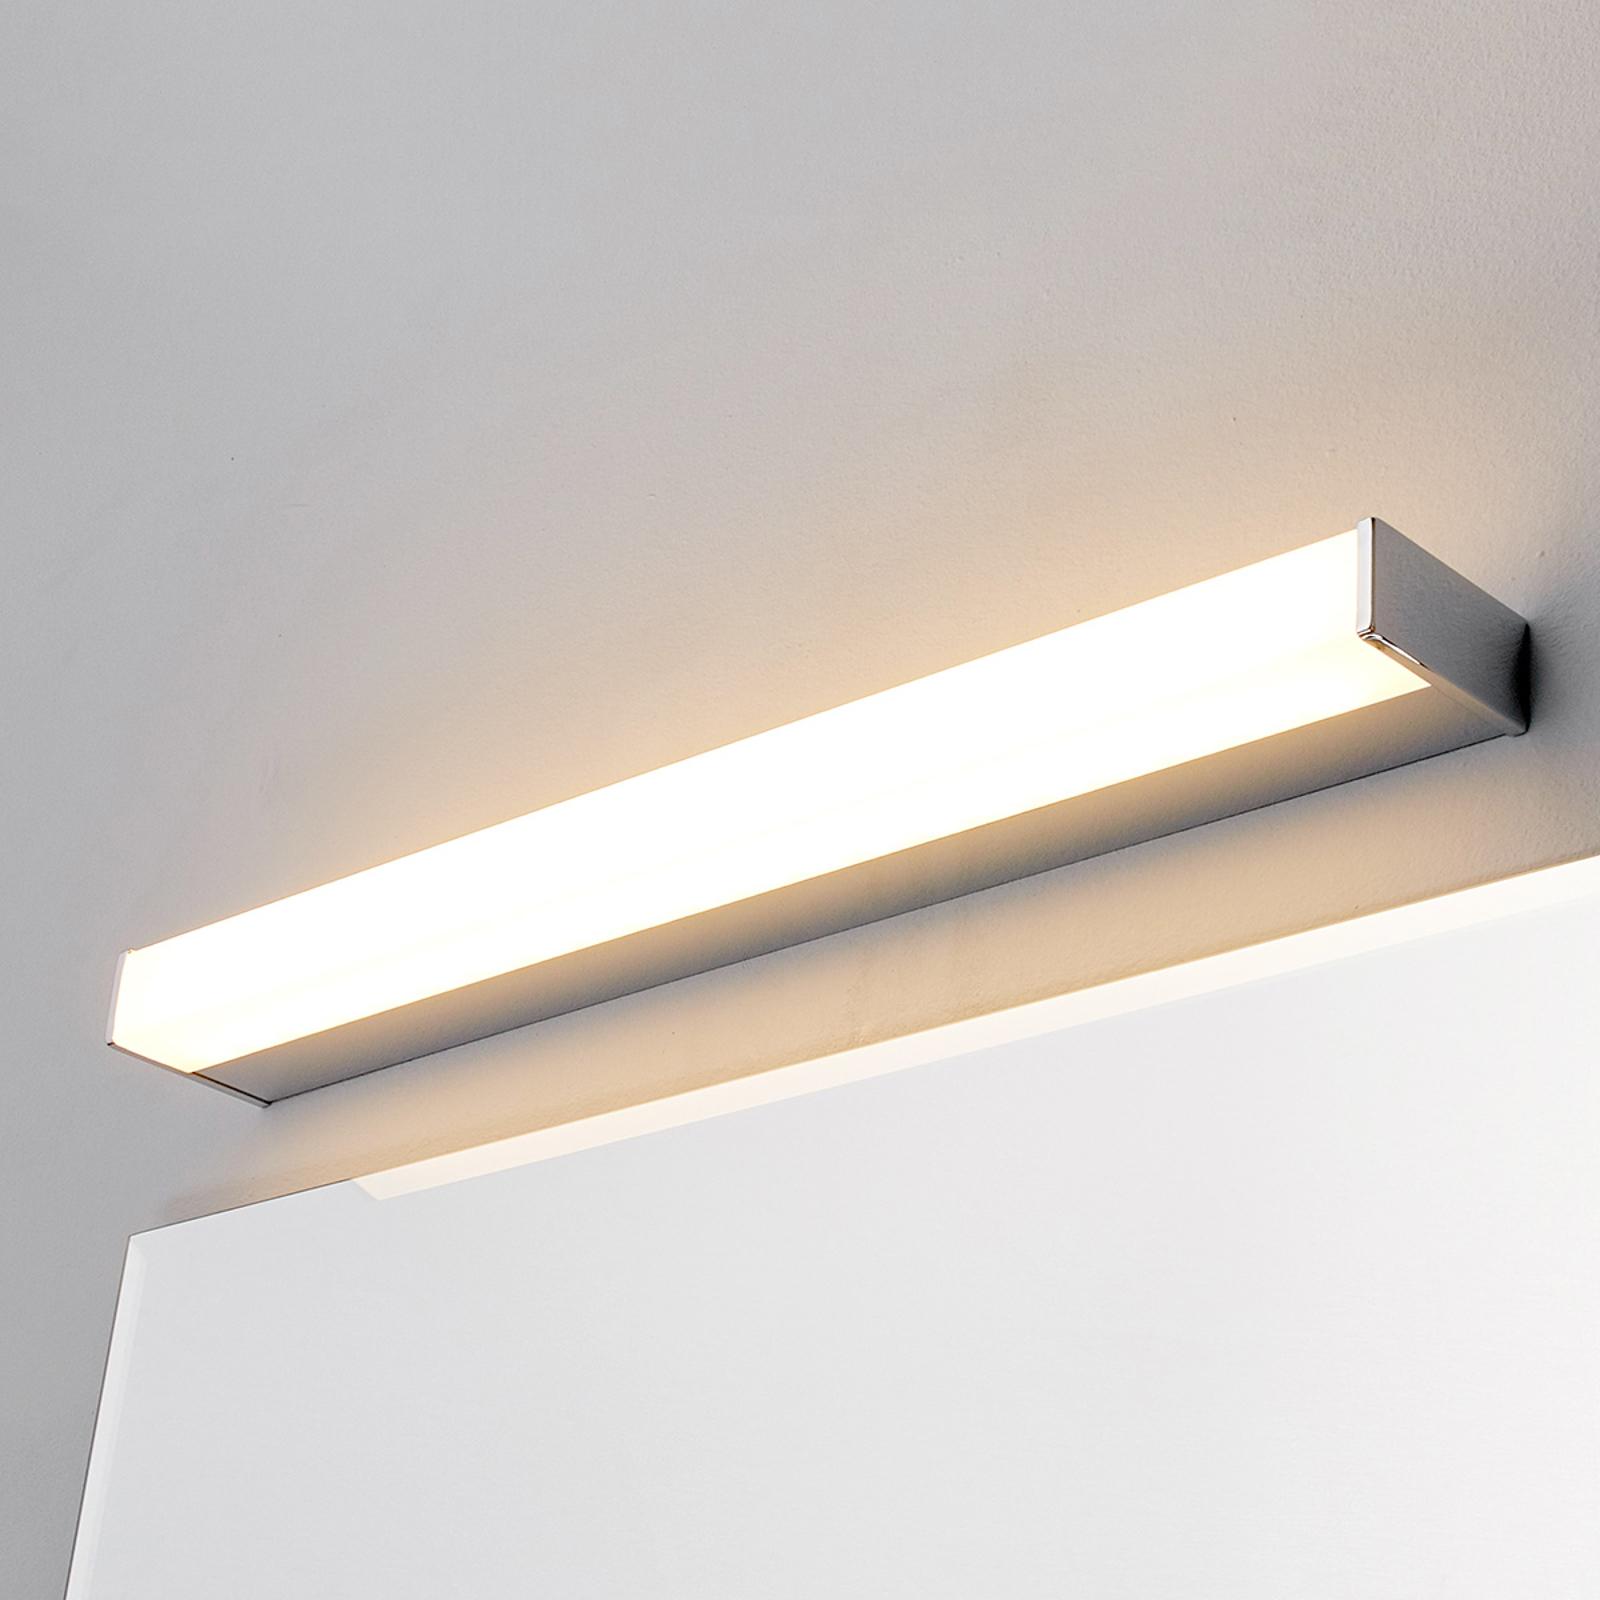 Oświetlenie lustra LED Philippa kątowe 58cm